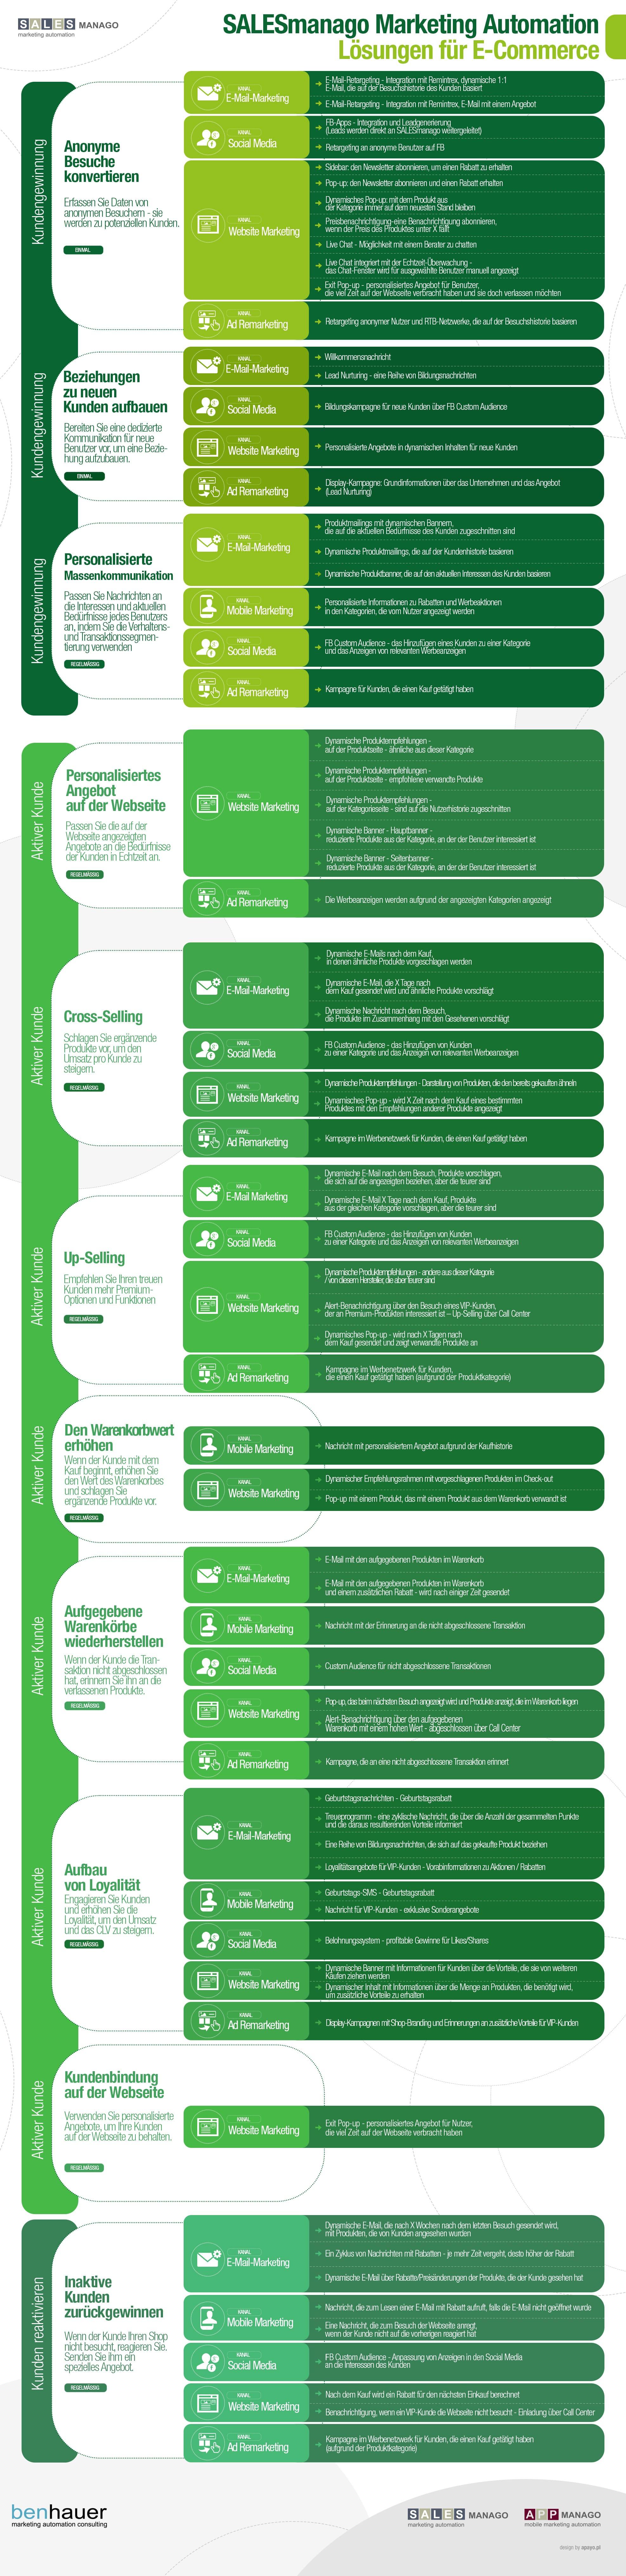 SALESmanago Marketing Automation Lösungen für E-Commerce